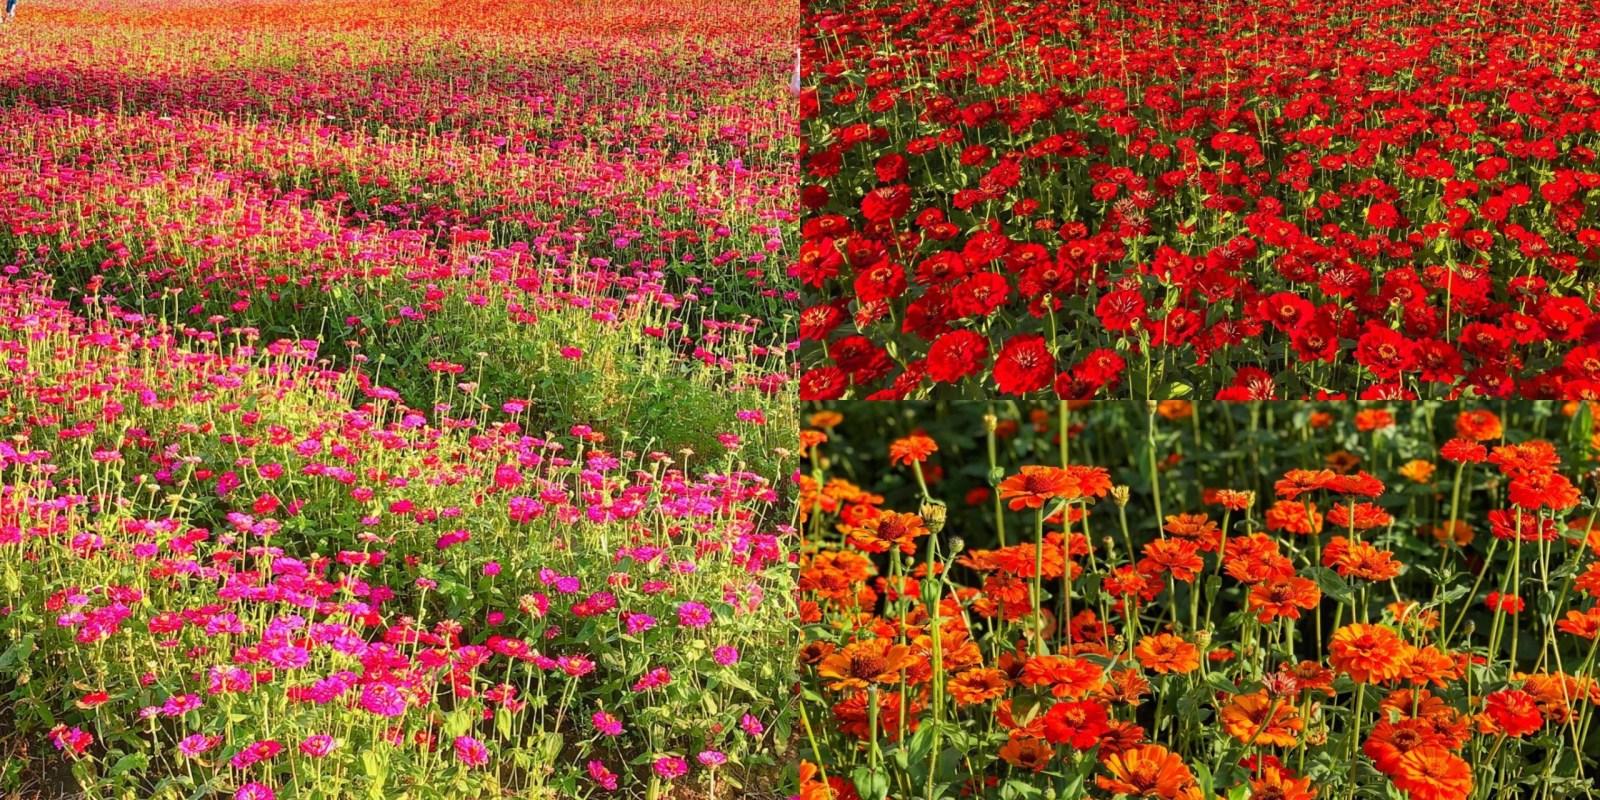 【2021美濃杉林花海】全國最大的花田迷宮在這裡!32公頃超美花海 免門票入場|網美打卡聖地|高雄景點